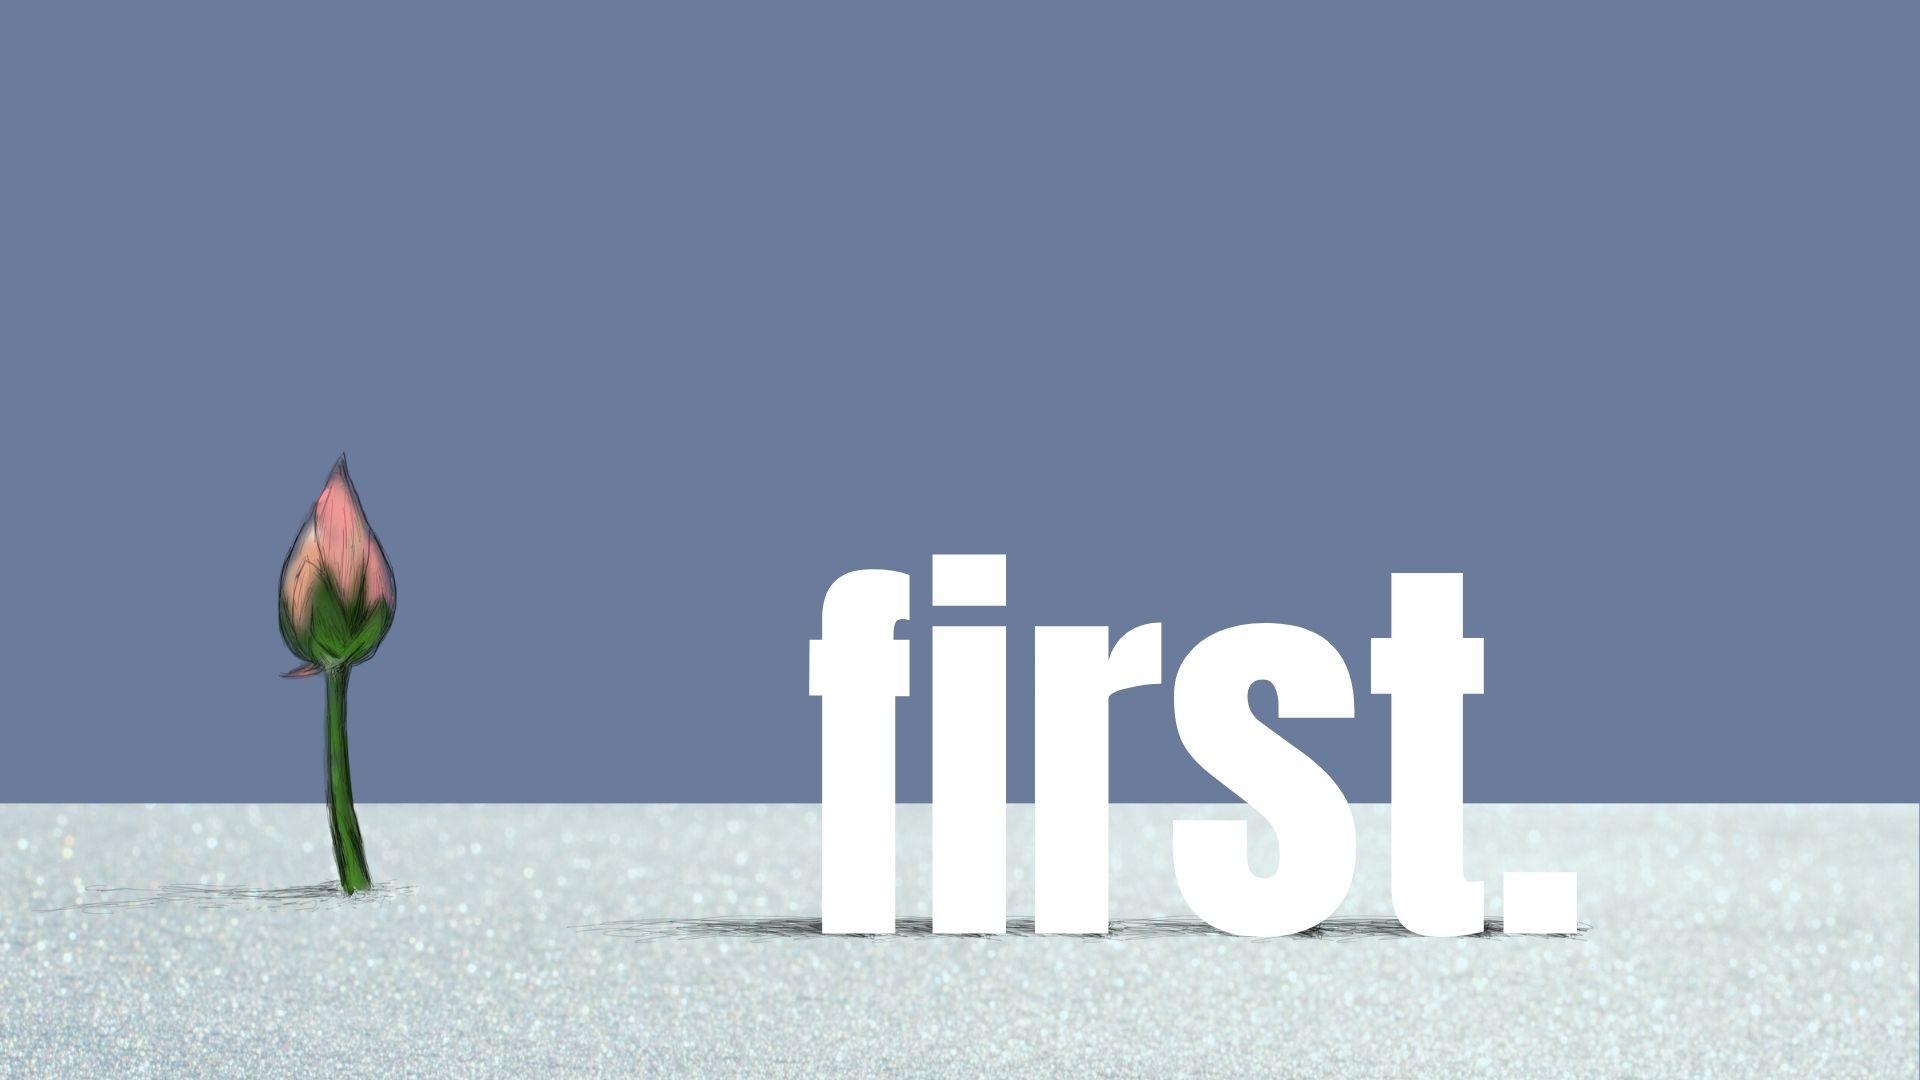 First: Faith